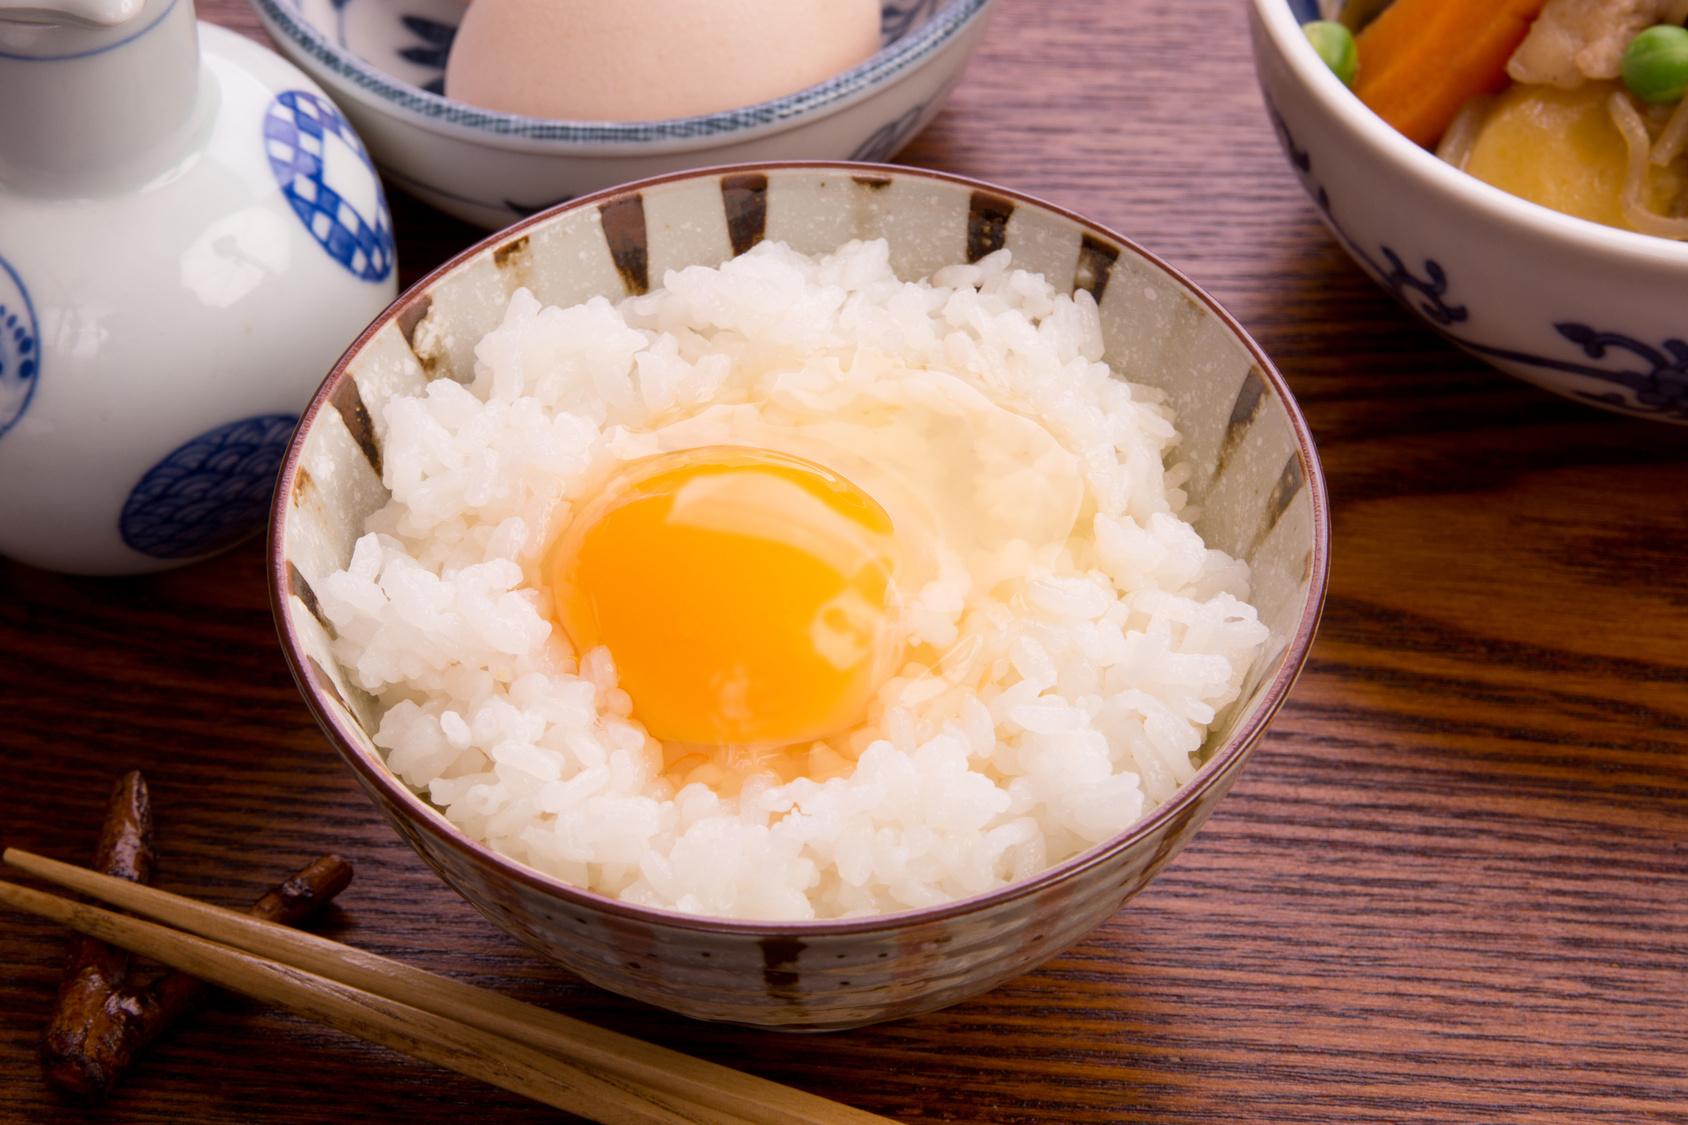 【安全な卵の見分け方】消費期限よりも、産卵農場、産卵日の表示をチェック